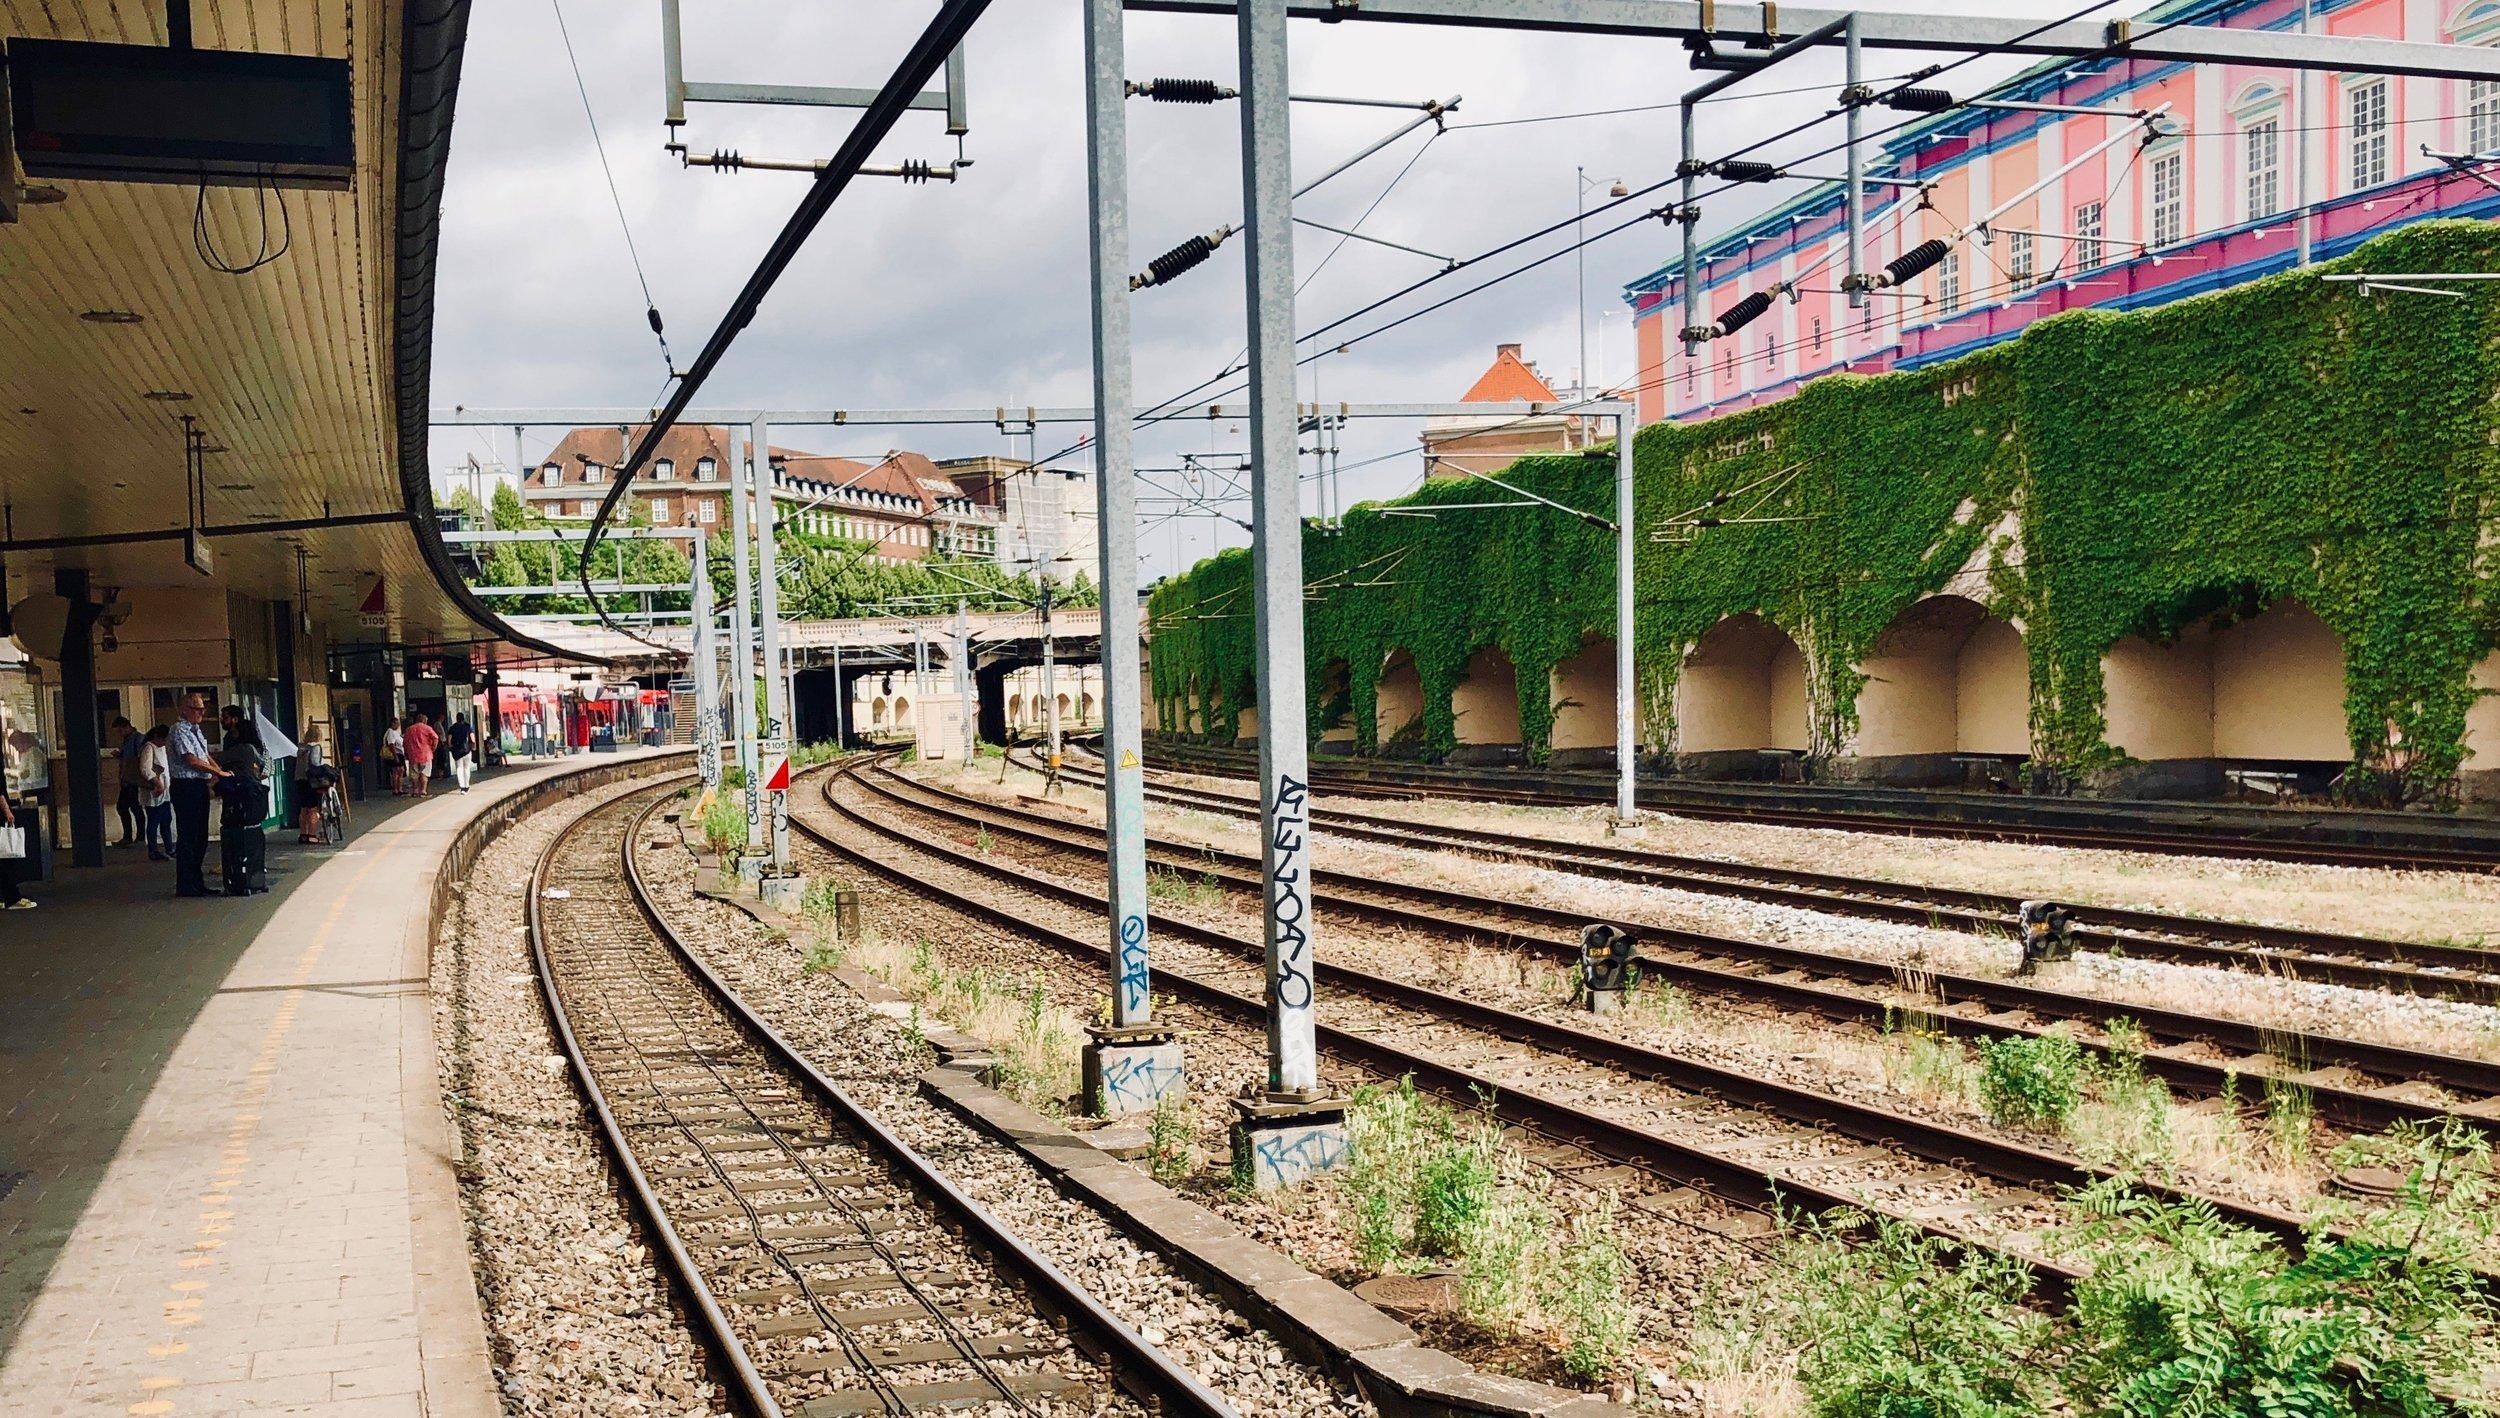 Boarding the train to Hillerød, Denmark.